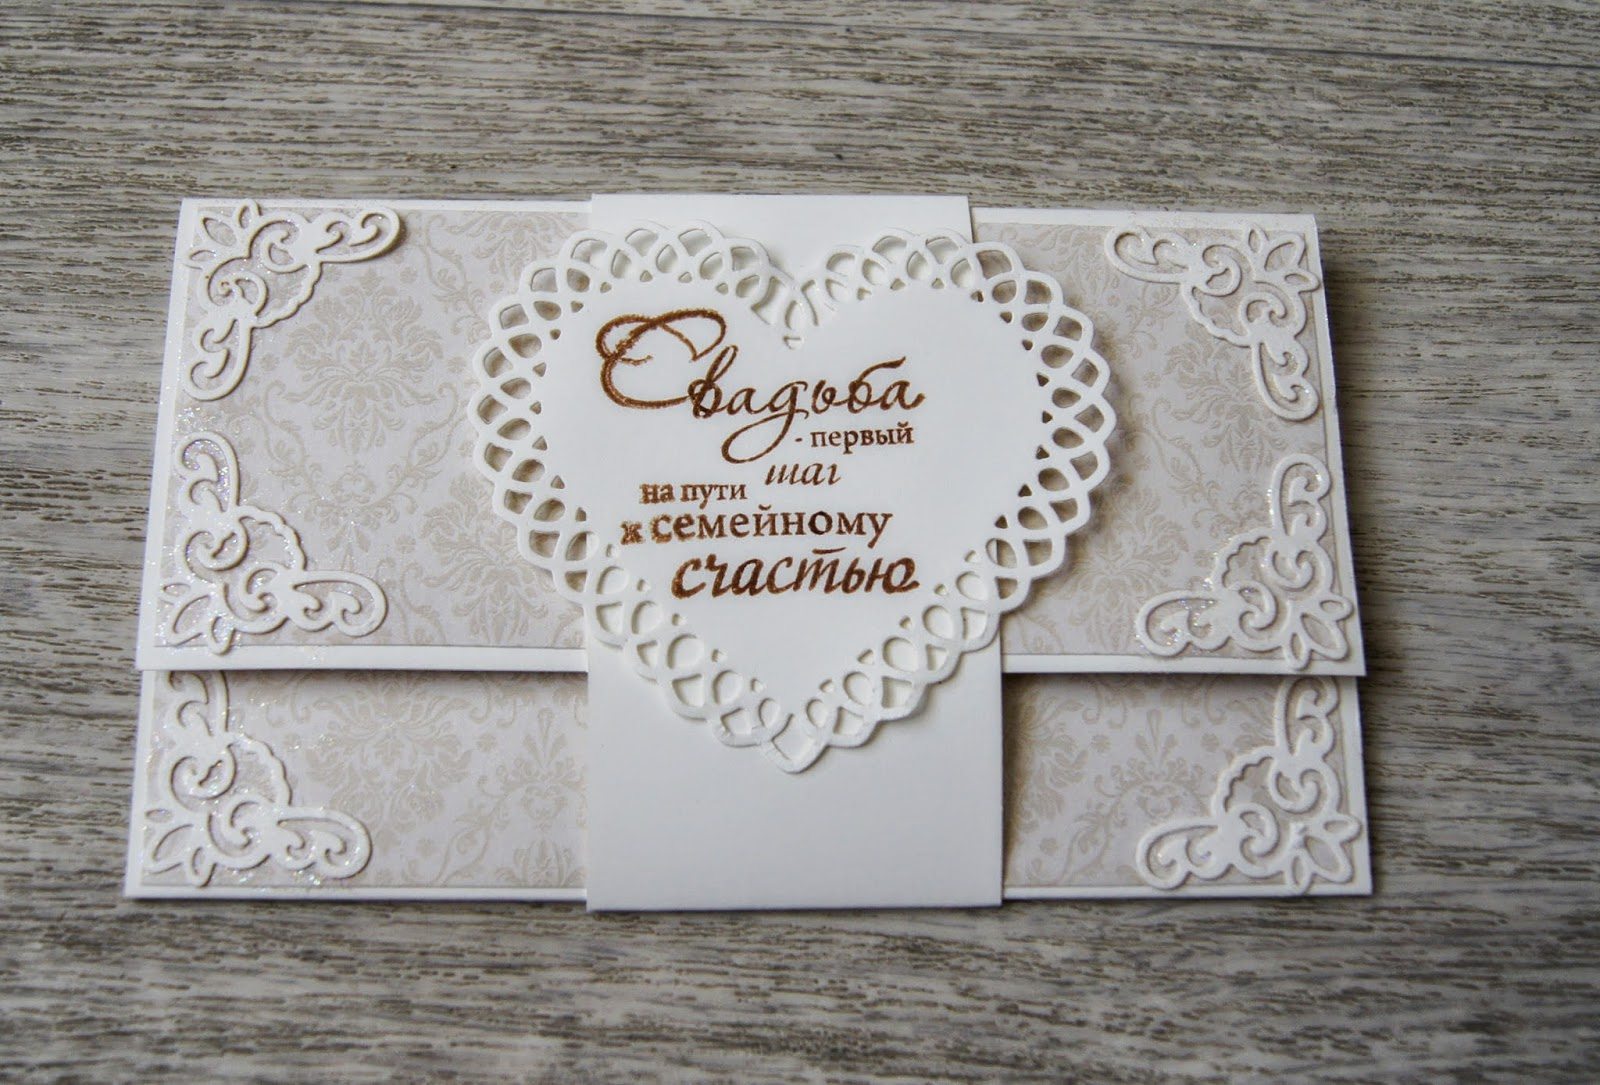 Иди, открытки на свадьбу писать